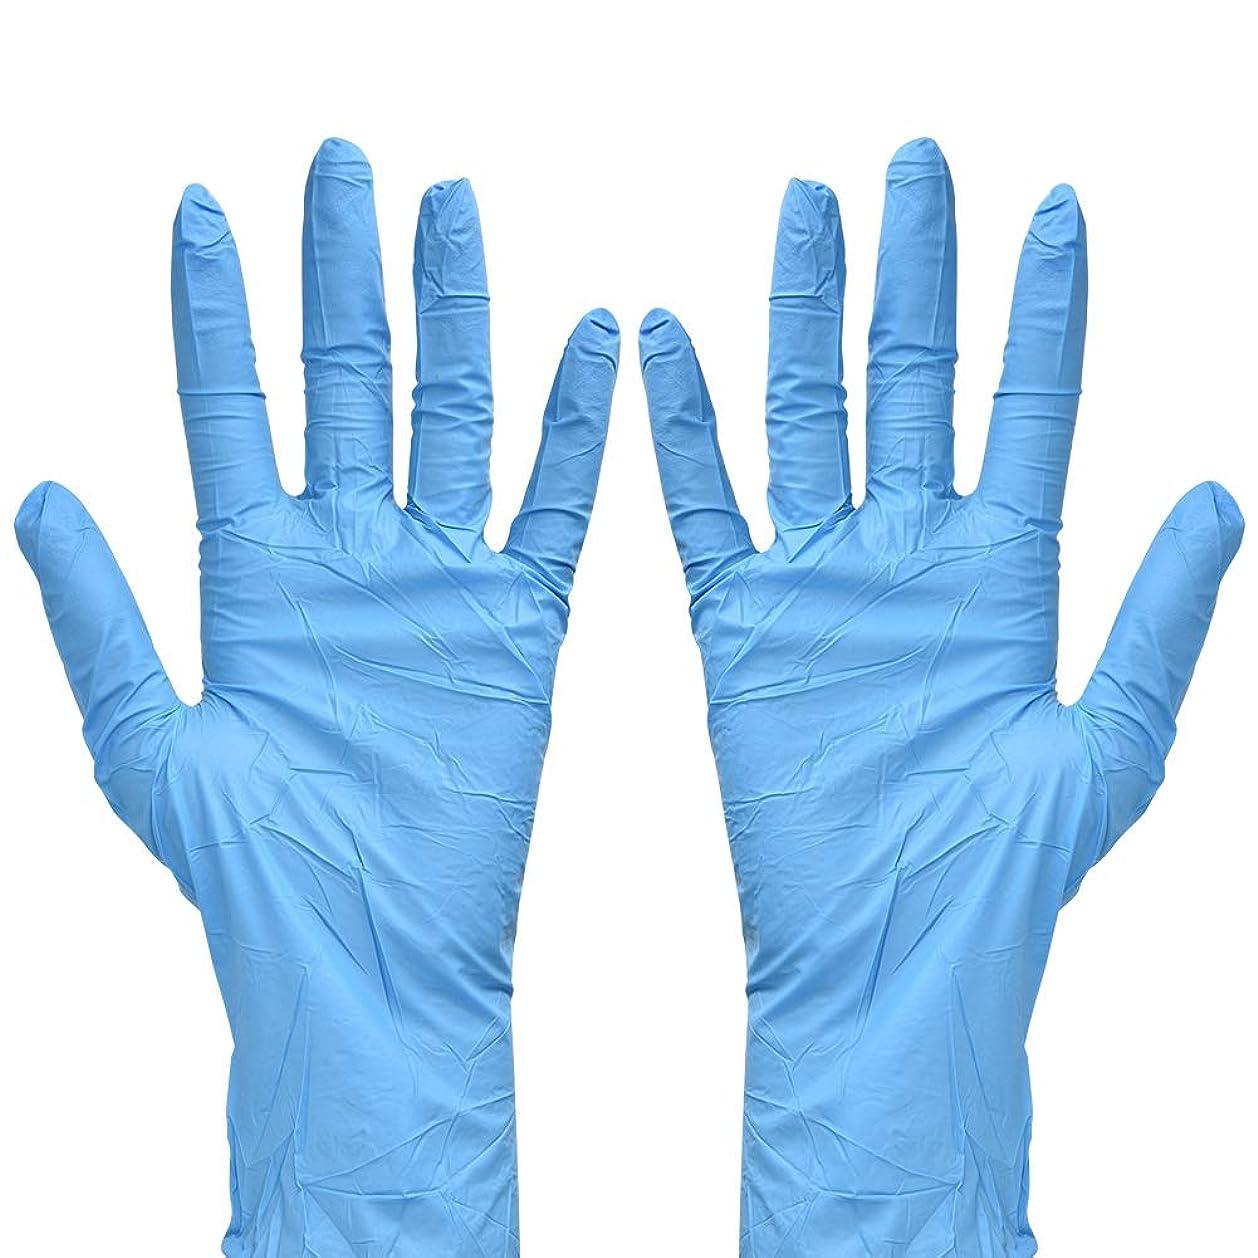 放射能ロボット禁止する50個 - 使い捨て手袋 - 研究室用ニトリル作業用安全手袋、ホーム、キッチン、パウダーフリー、滑り止め(S)